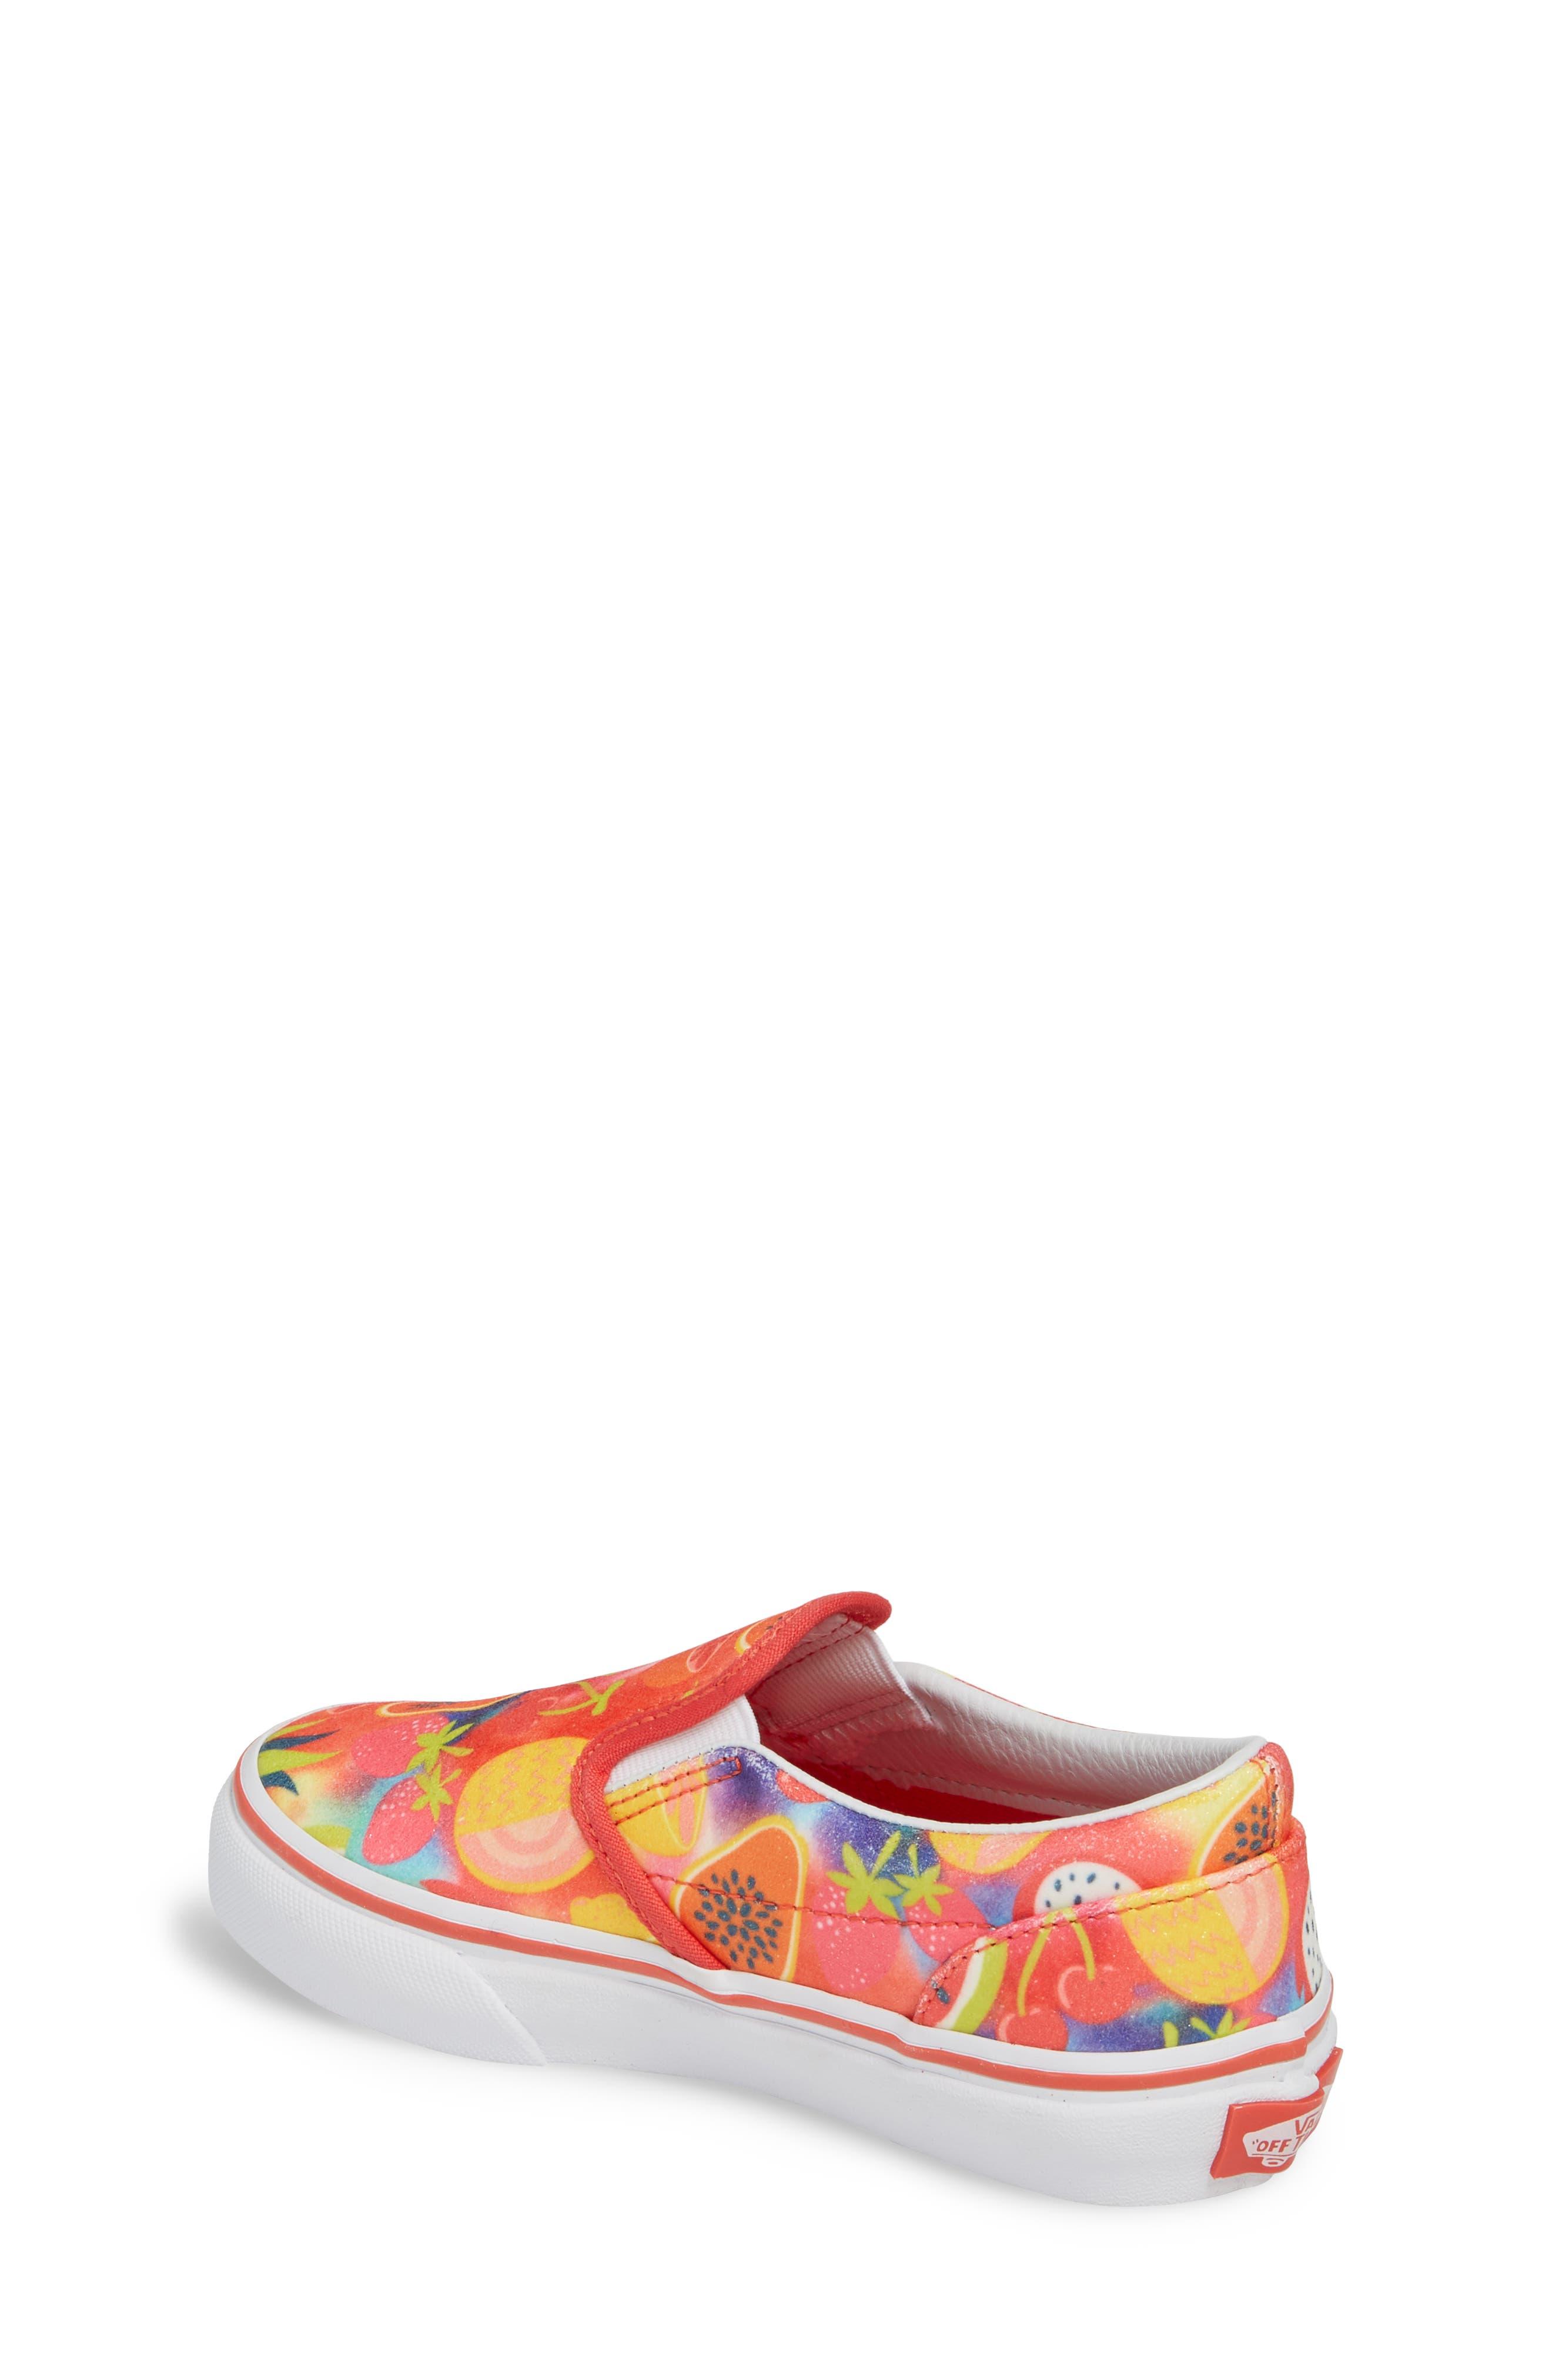 Classic Glitter Fruit Slip-On Sneaker,                             Alternate thumbnail 2, color,                             White/ Multi Glitter Fruits